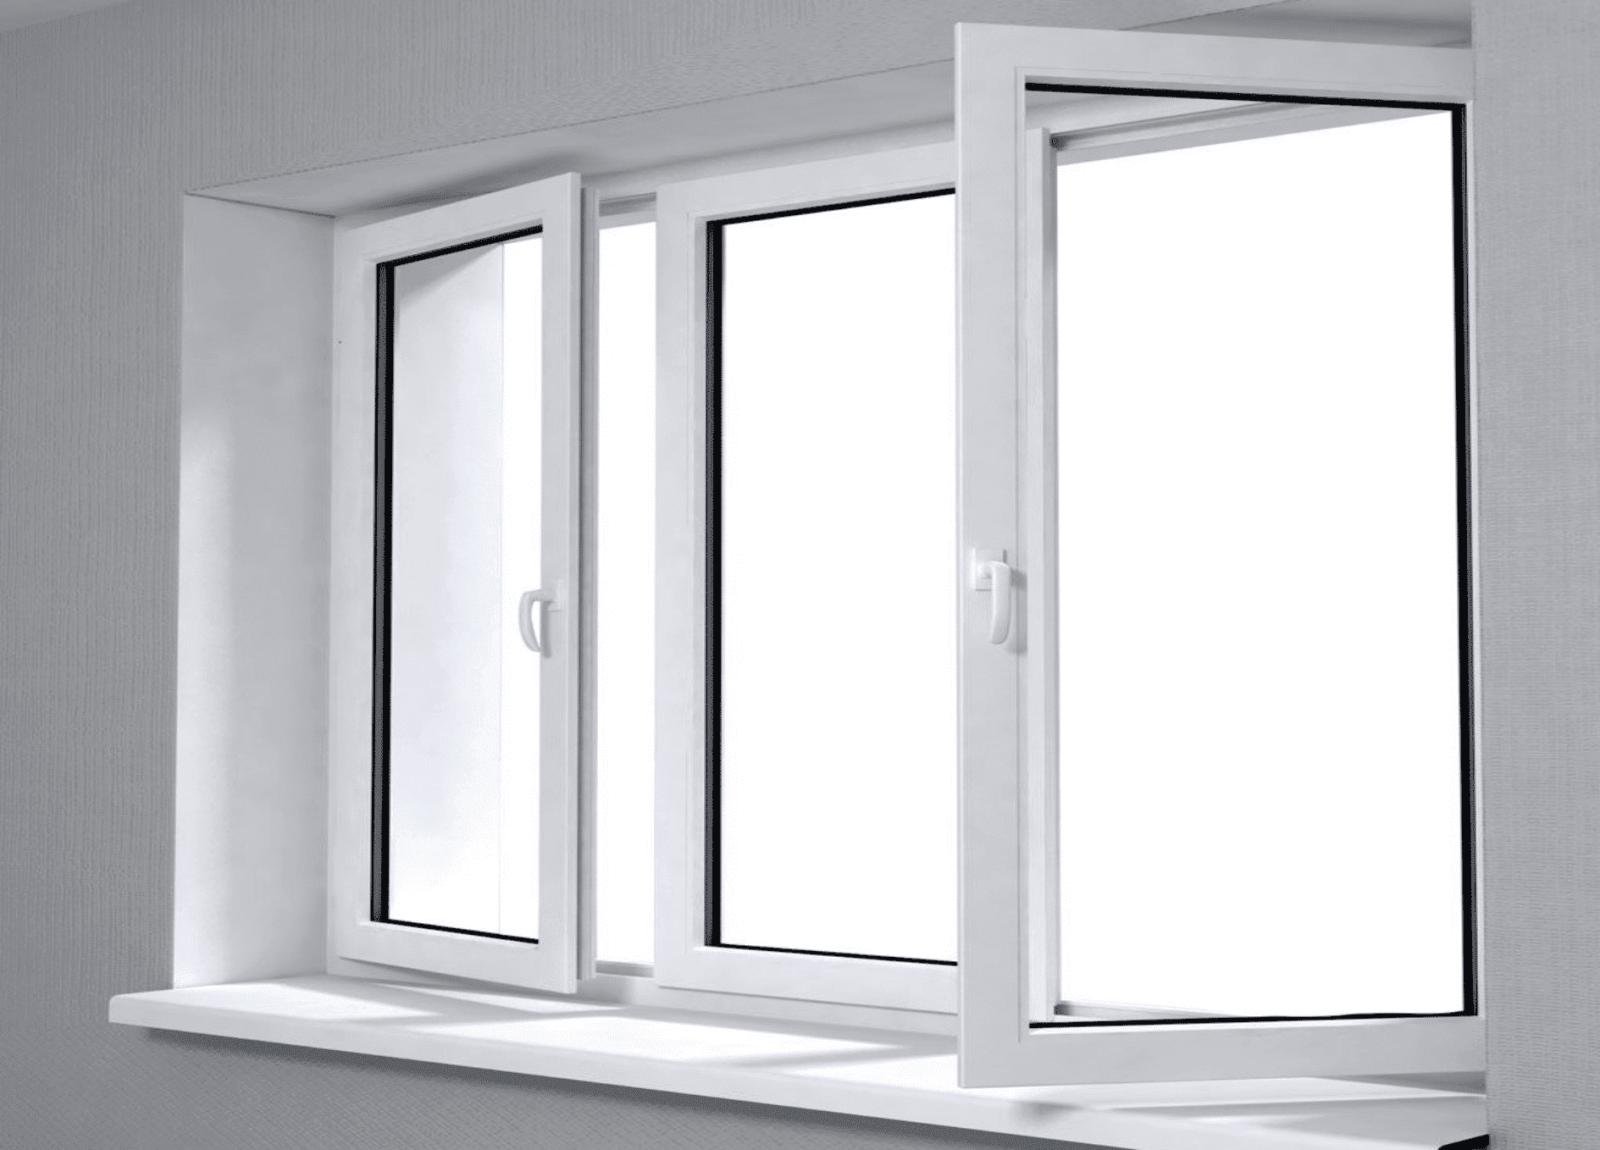 Как правильно выбирать стеклопакеты для дома: советы от профессионалов